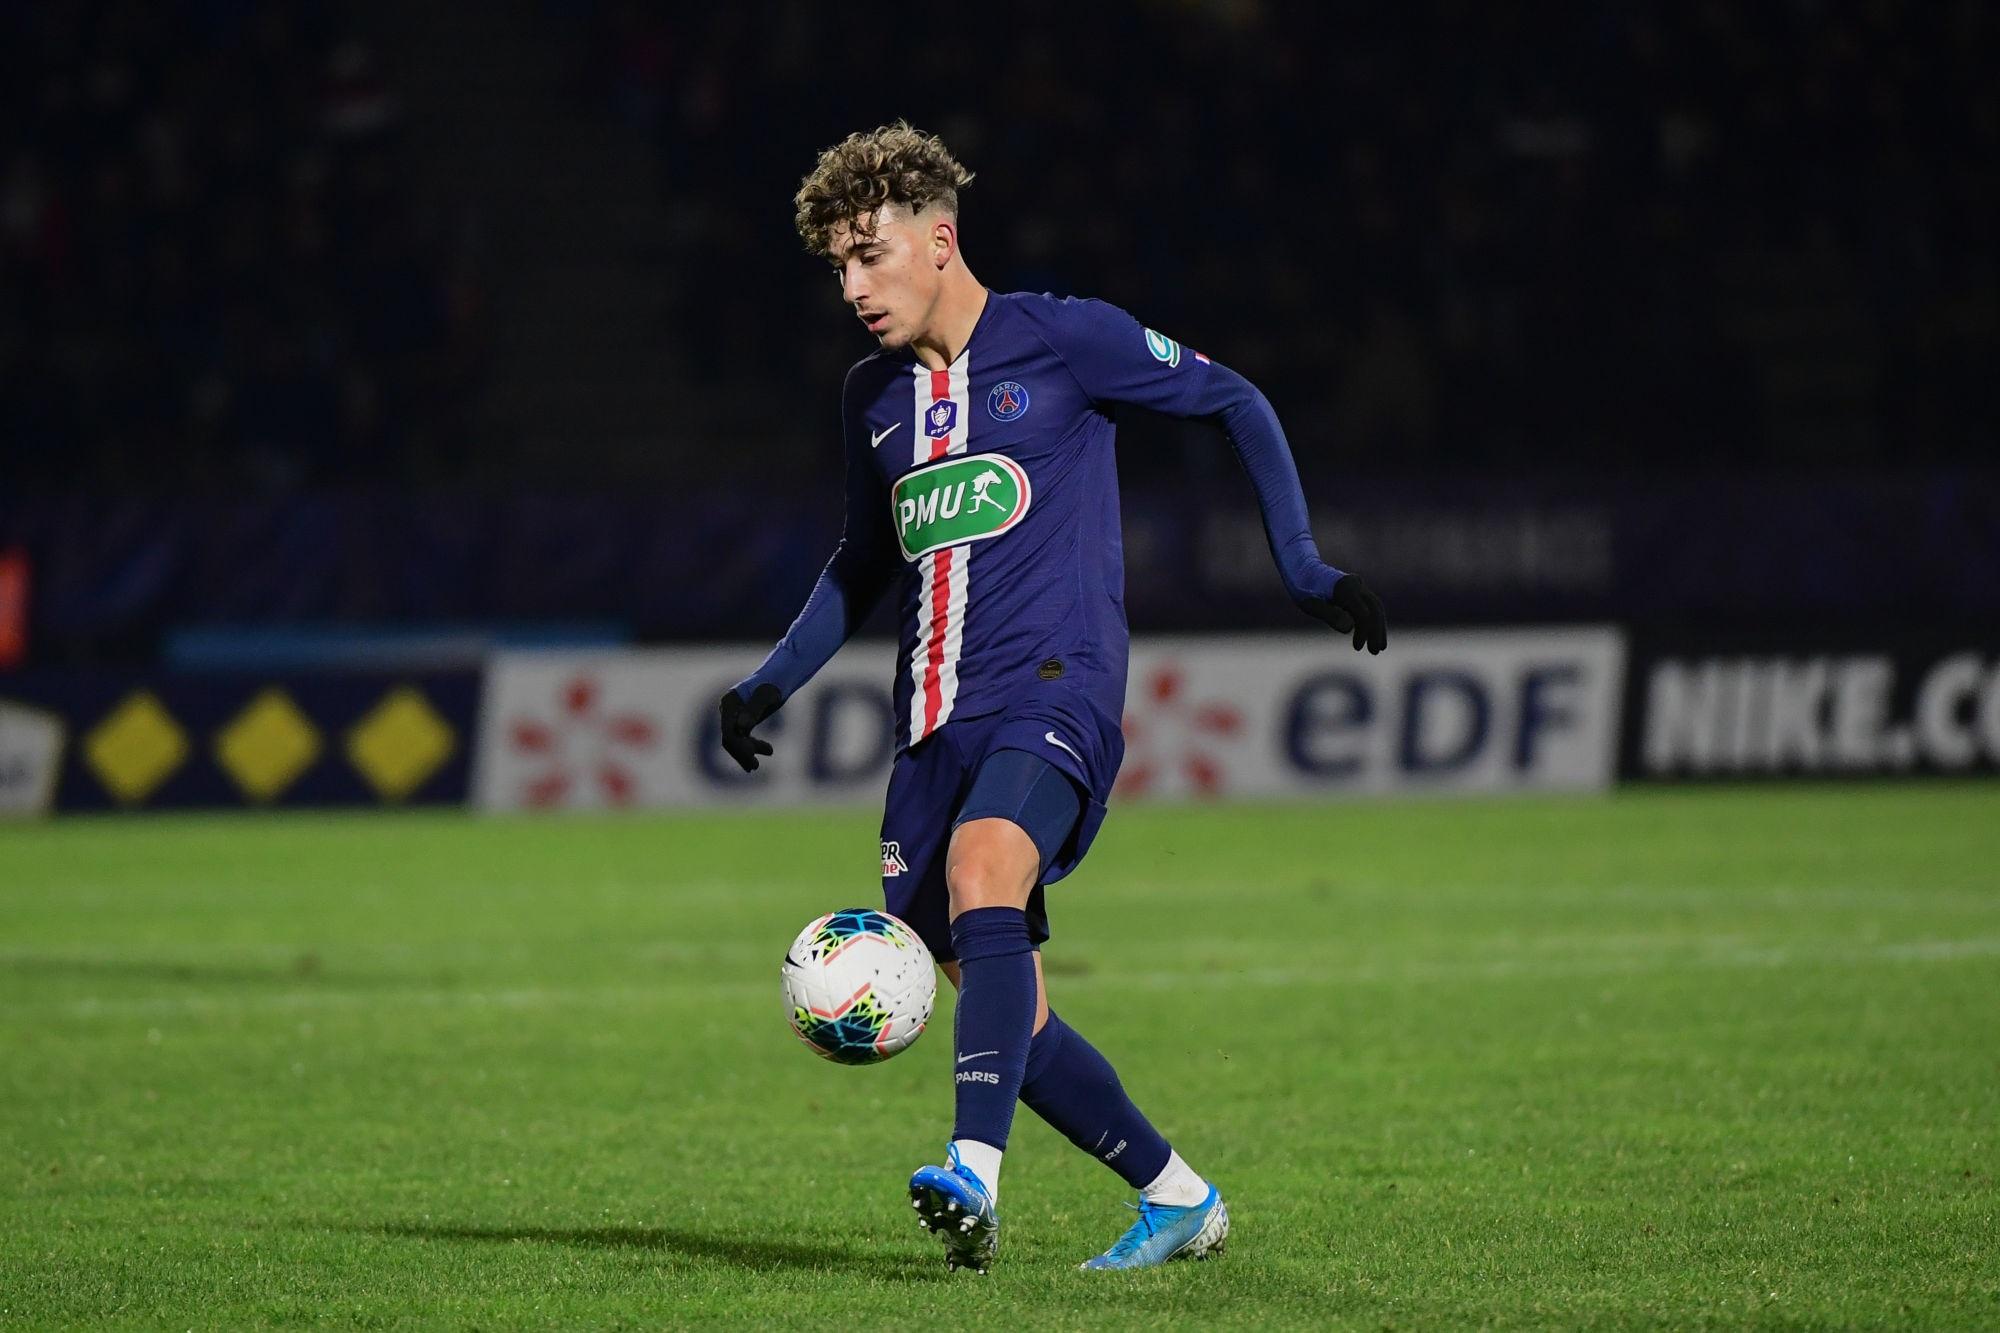 Mercato - Aouchiche est allé à Saint-Etienne mais n'a pas passé de tests médicaux précise, RMC Sport